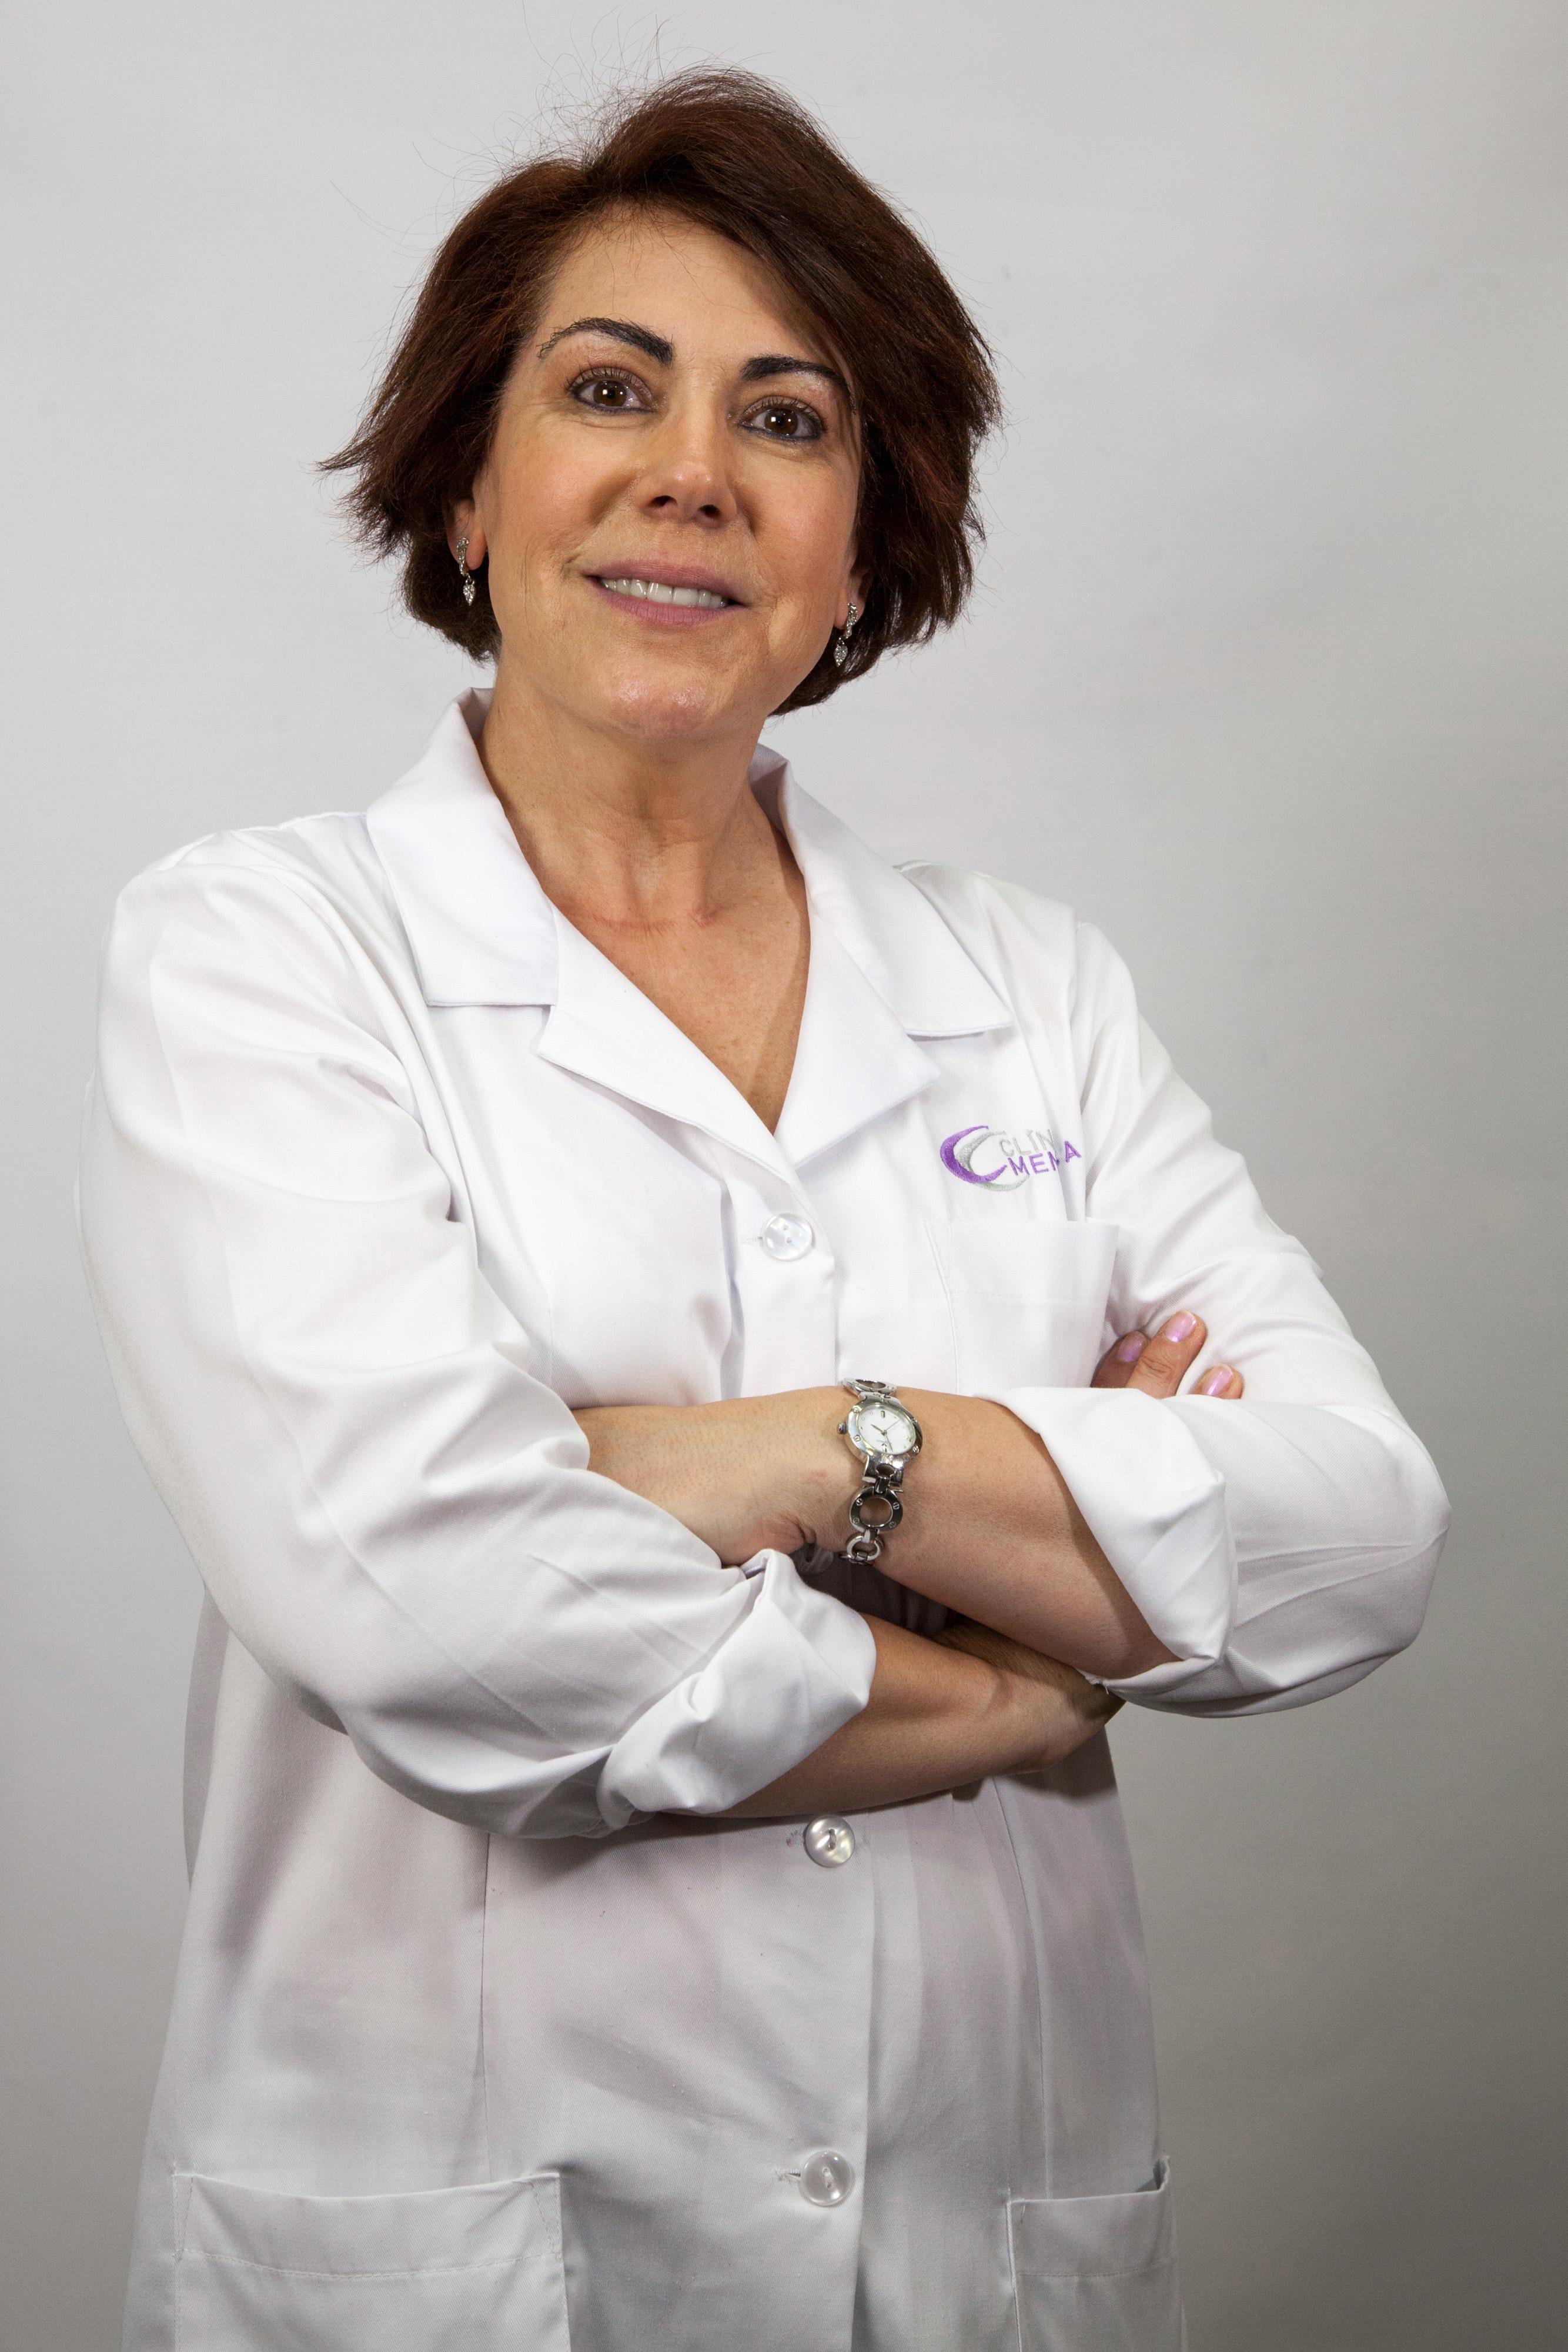 Dra Beatriz Est%C3%A9banez - Frío, nieve y sol, triángulo de la deshidratación